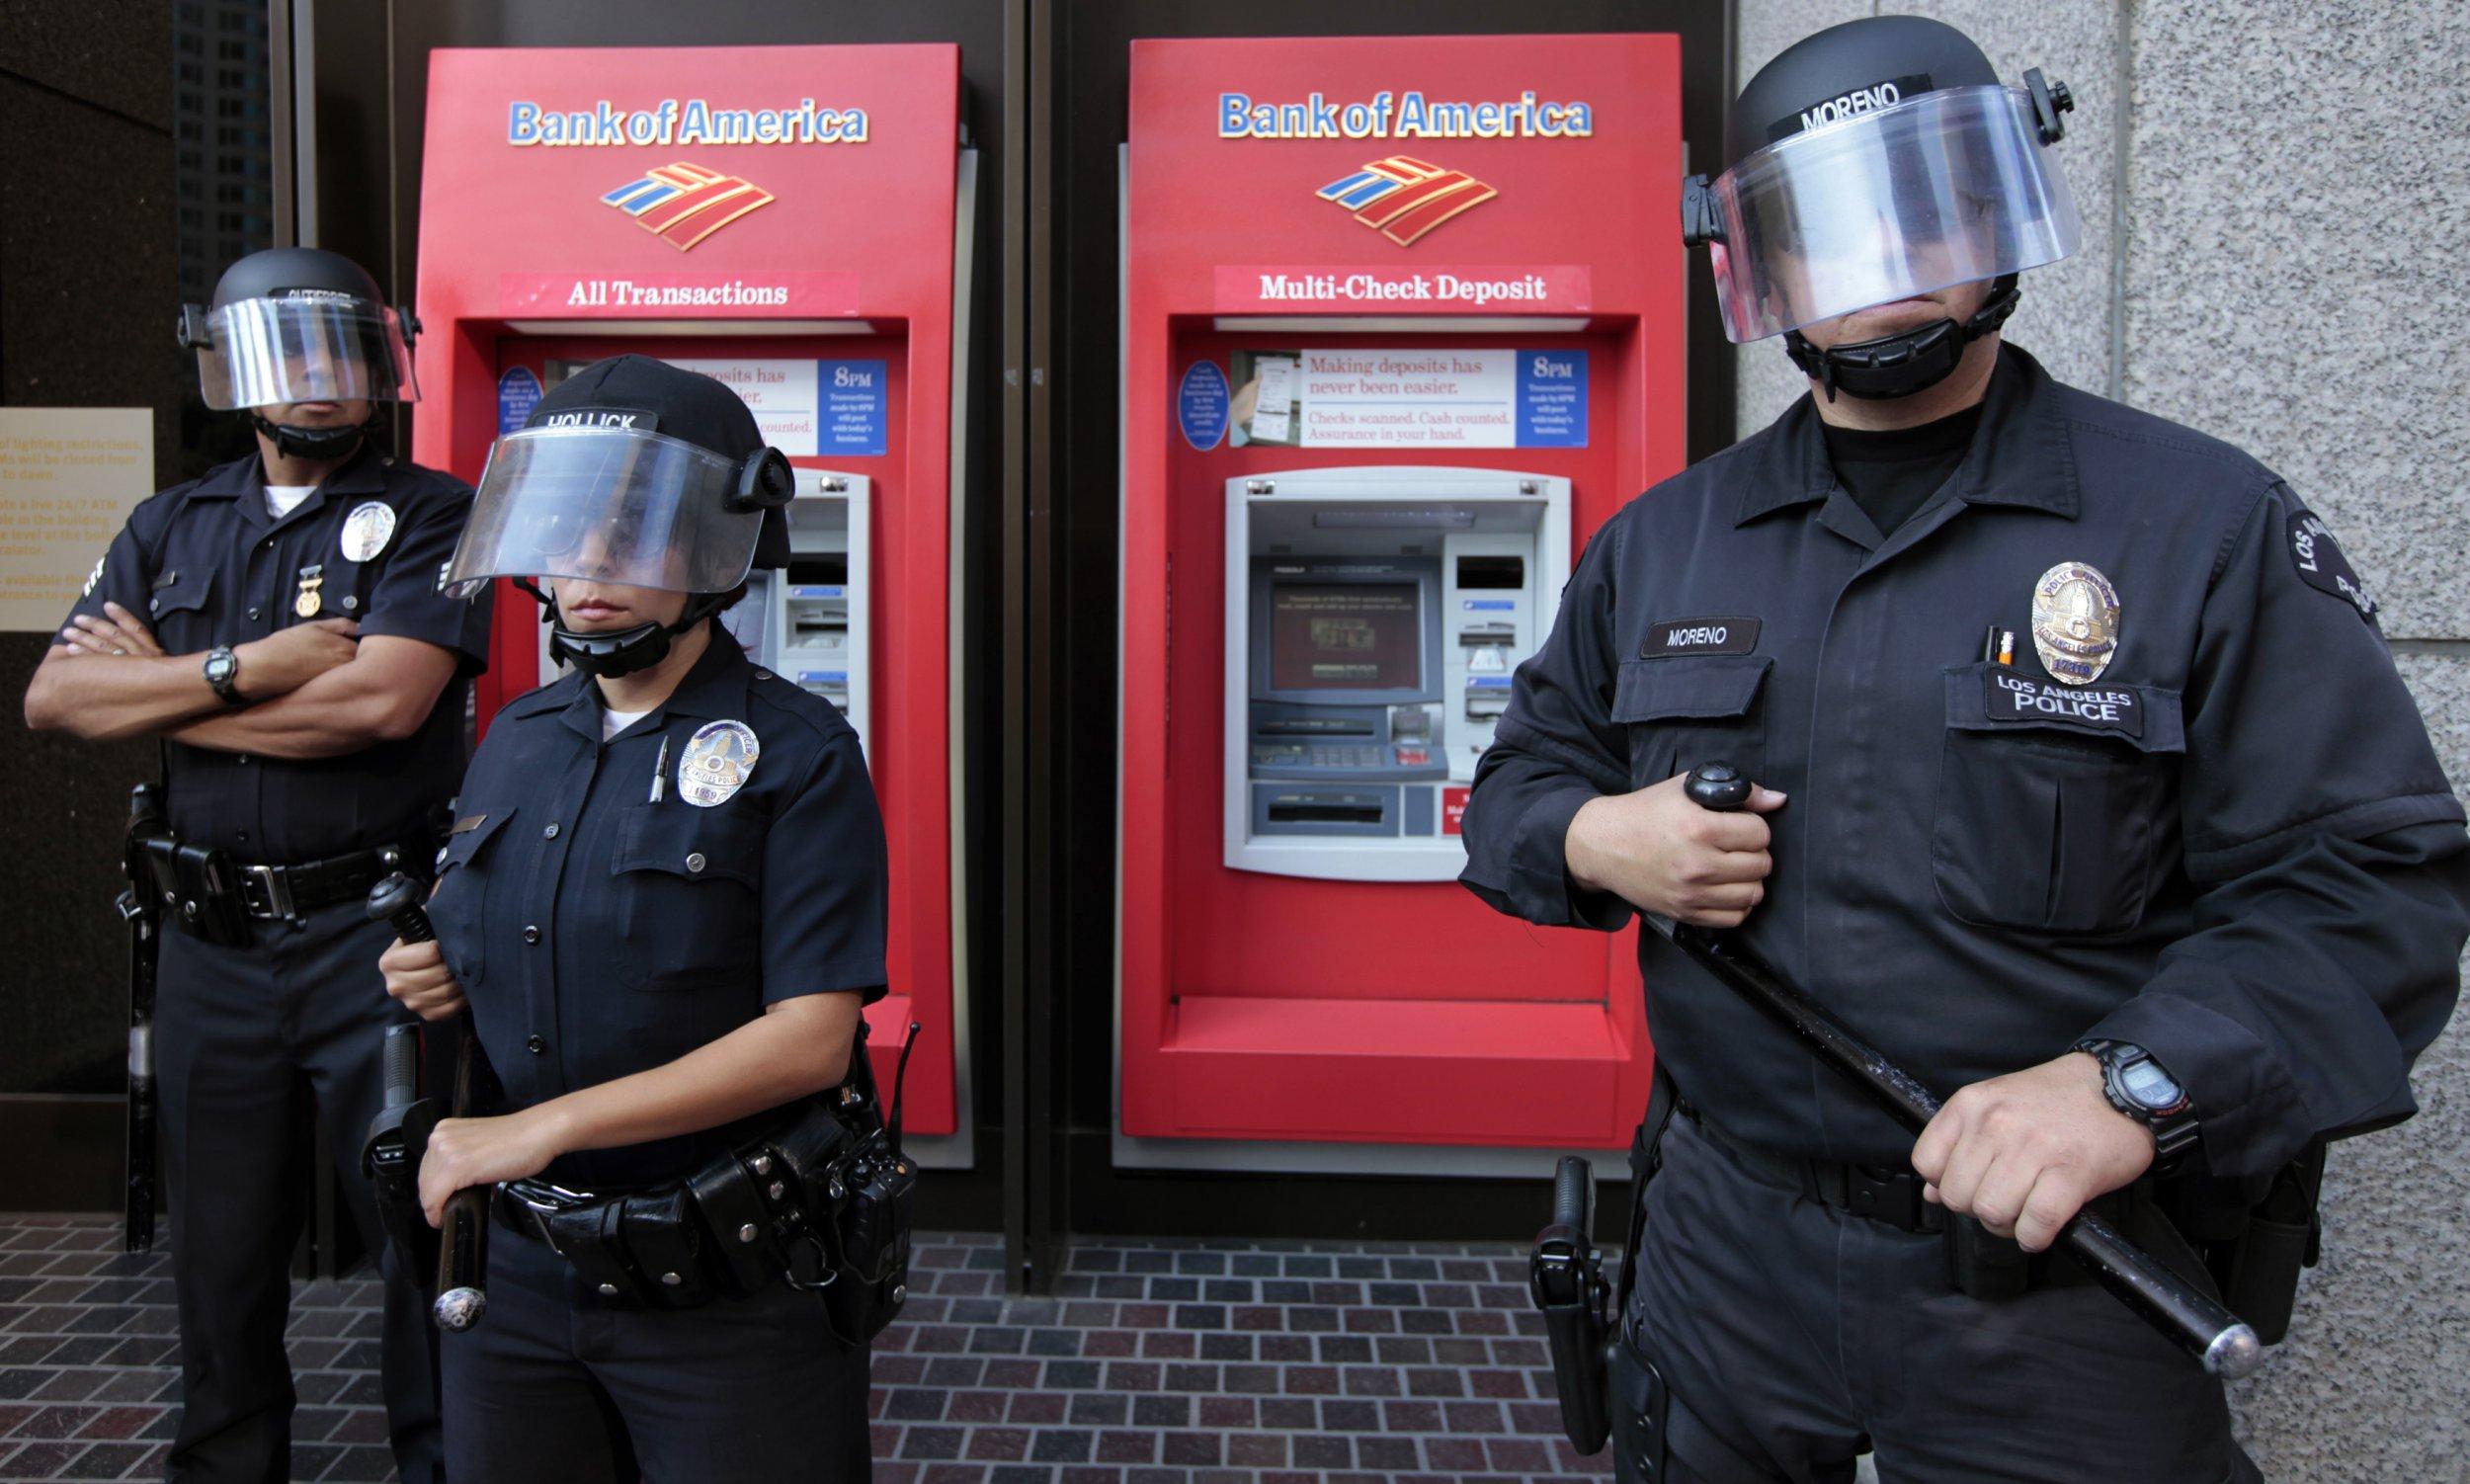 ATM police